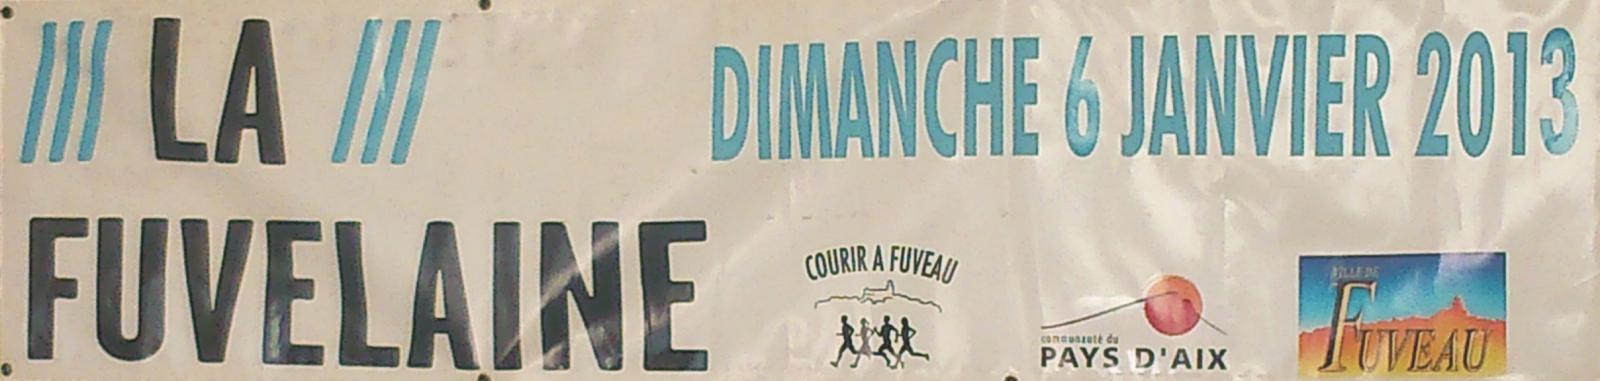 banderole en découpe d'adhésif sur fuveau, gardanne, aix-en-provence, marseille